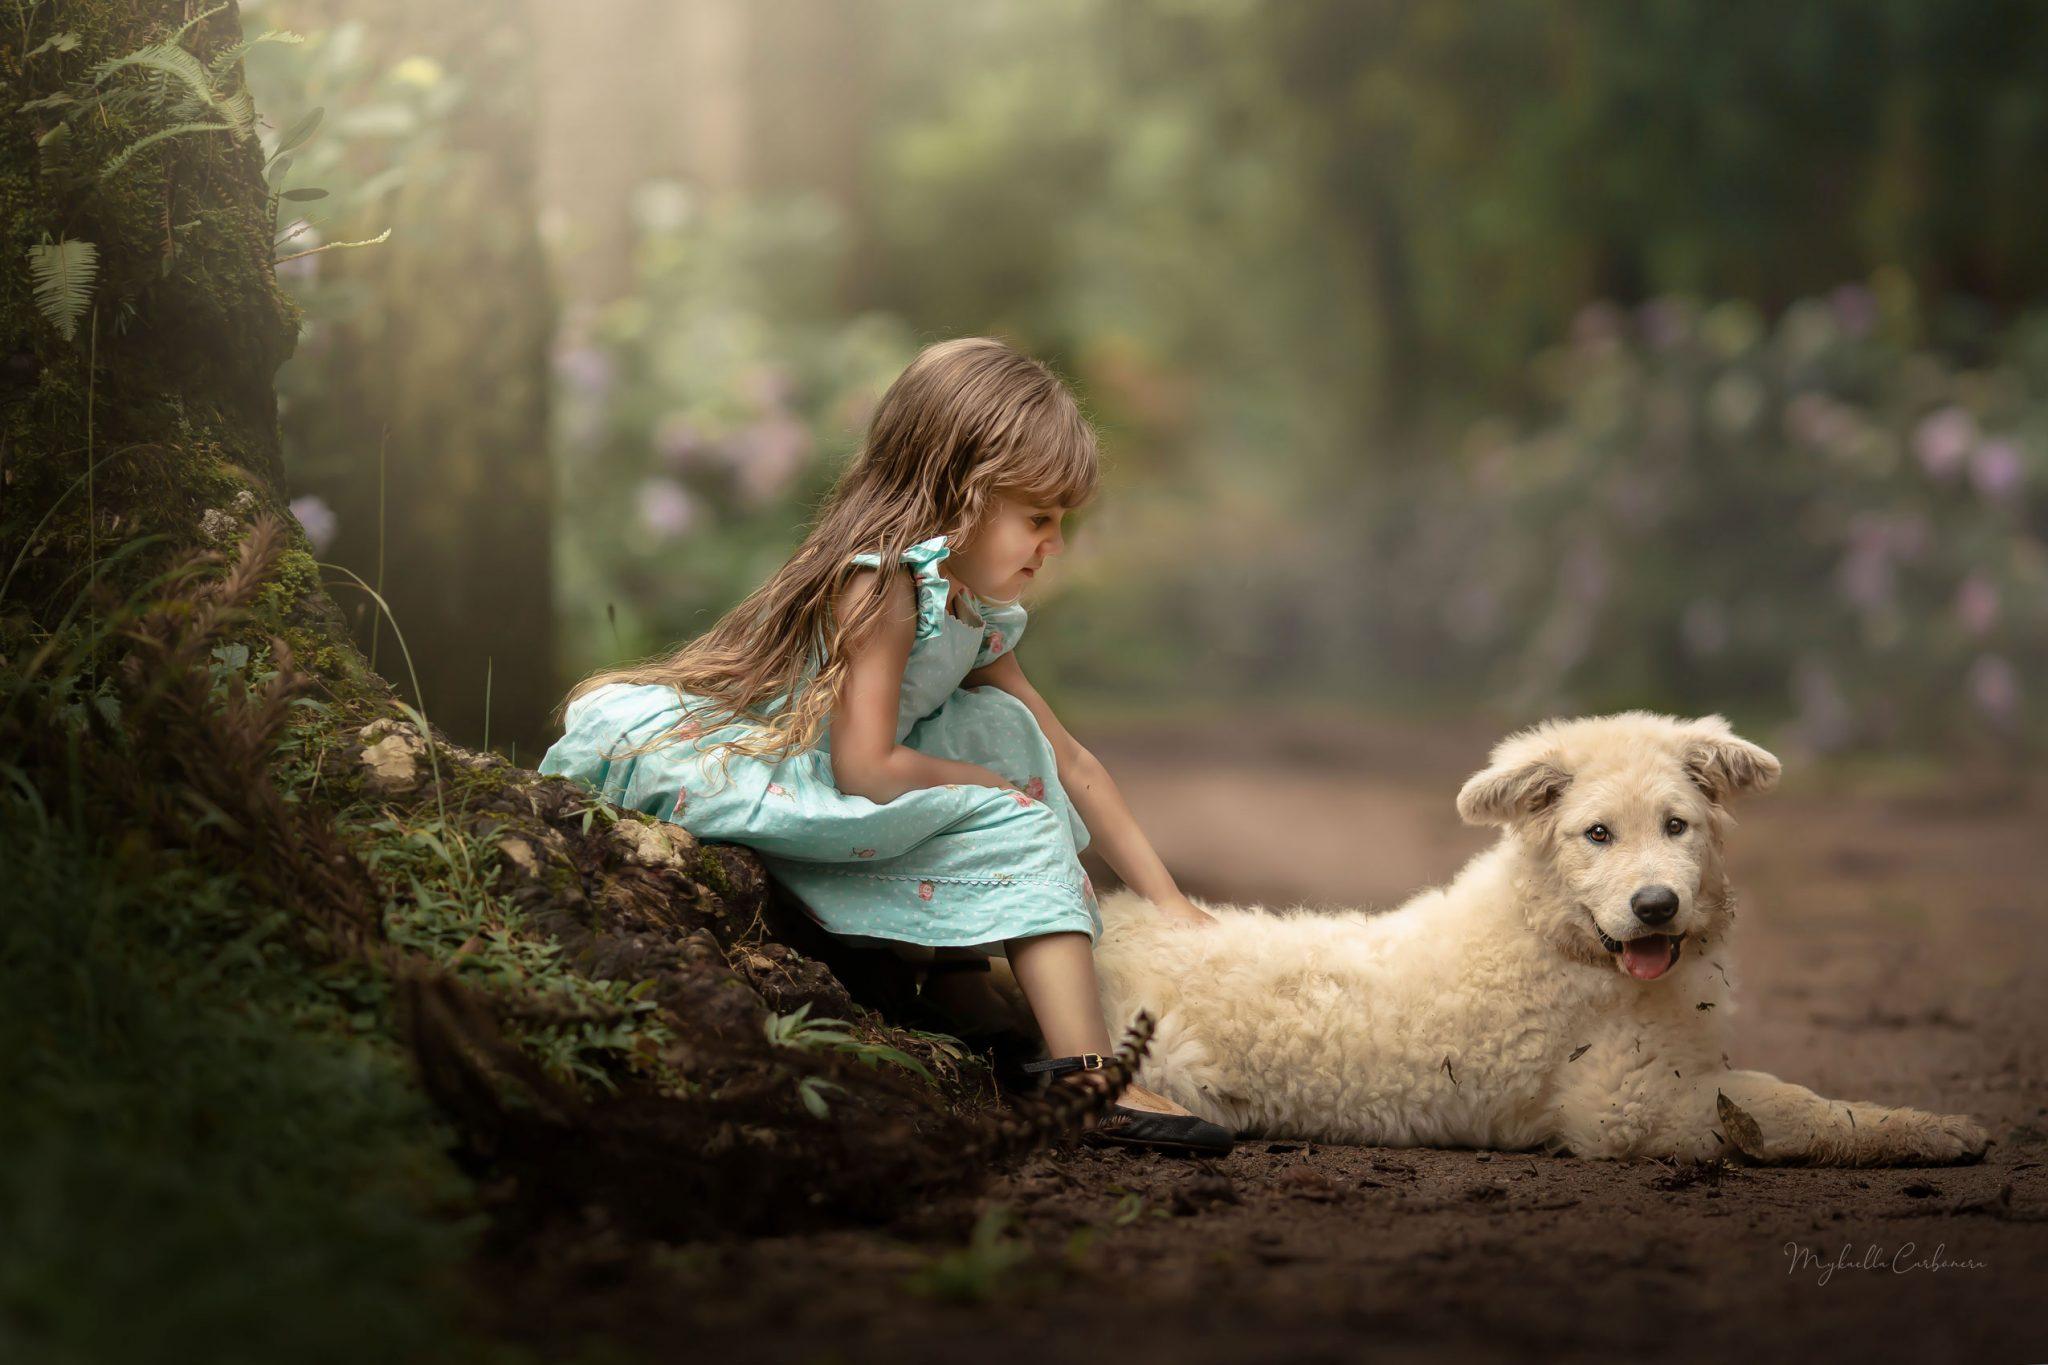 menina passando mão cachorro